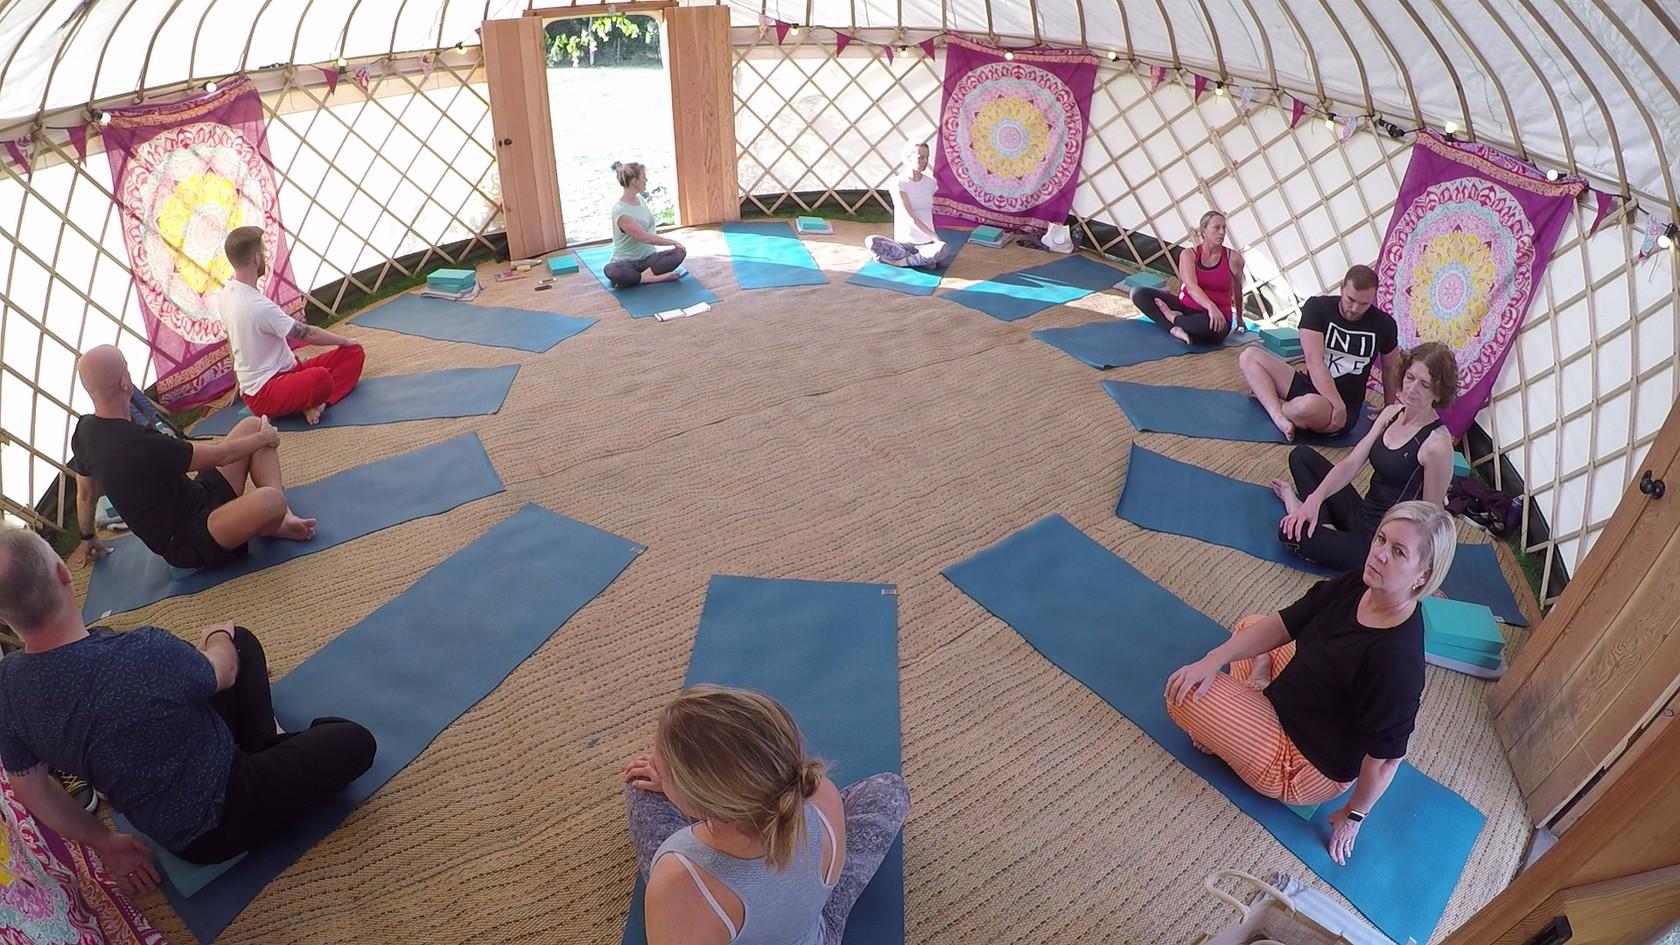 Yurt Retreat